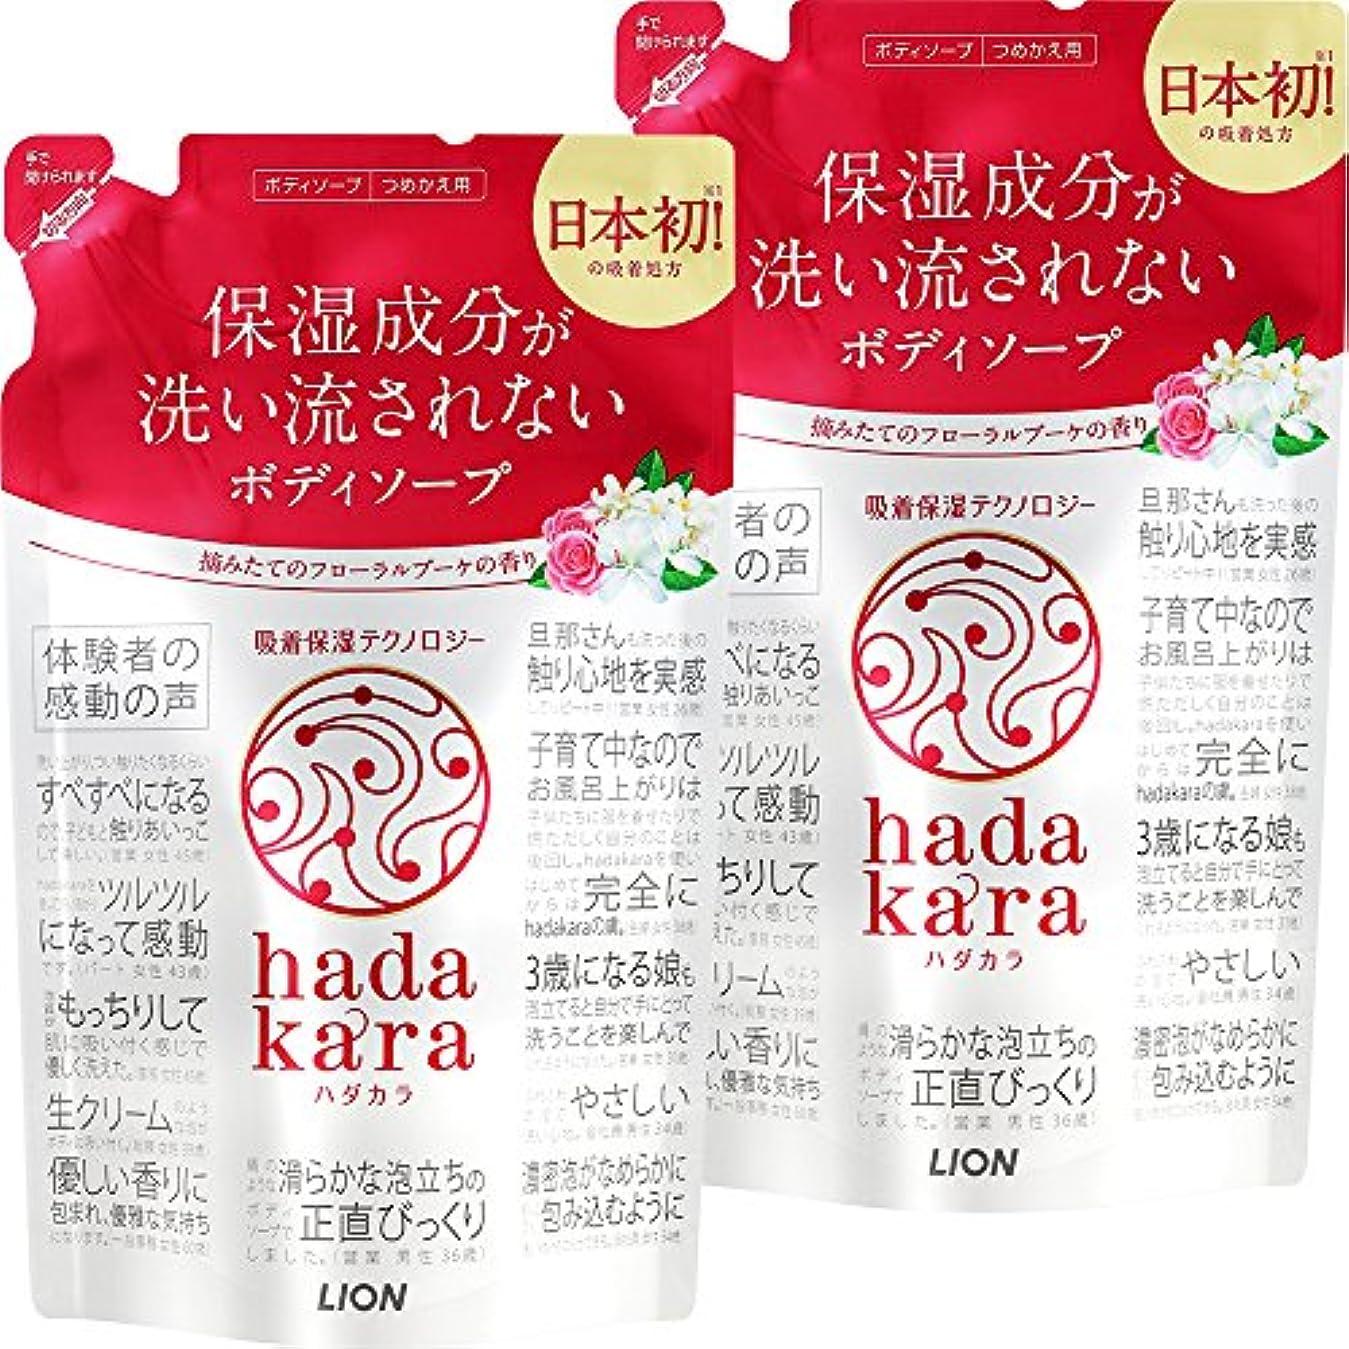 無数の階下医師【まとめ買い】hadakara(ハダカラ) ボディソープ フローラルブーケの香り 詰め替え 360ml×2個パック